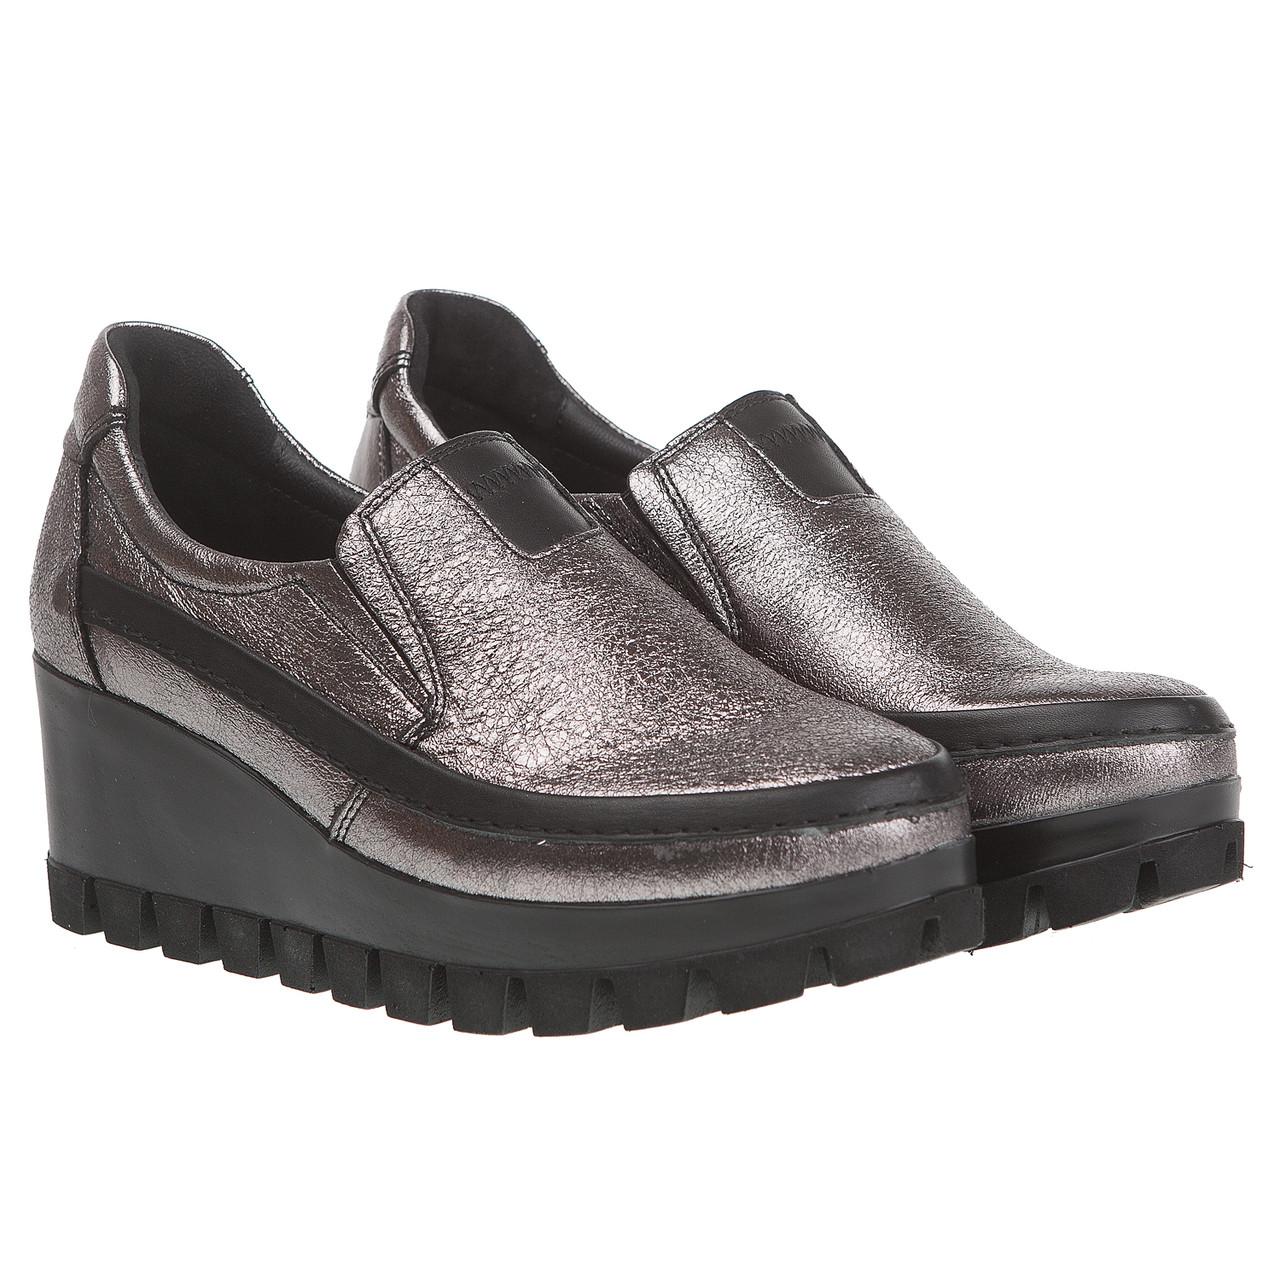 332ac47a7 Женские туфли Alpino (на удобной танкетке, серебристого цвета, удобные,  кожаные)